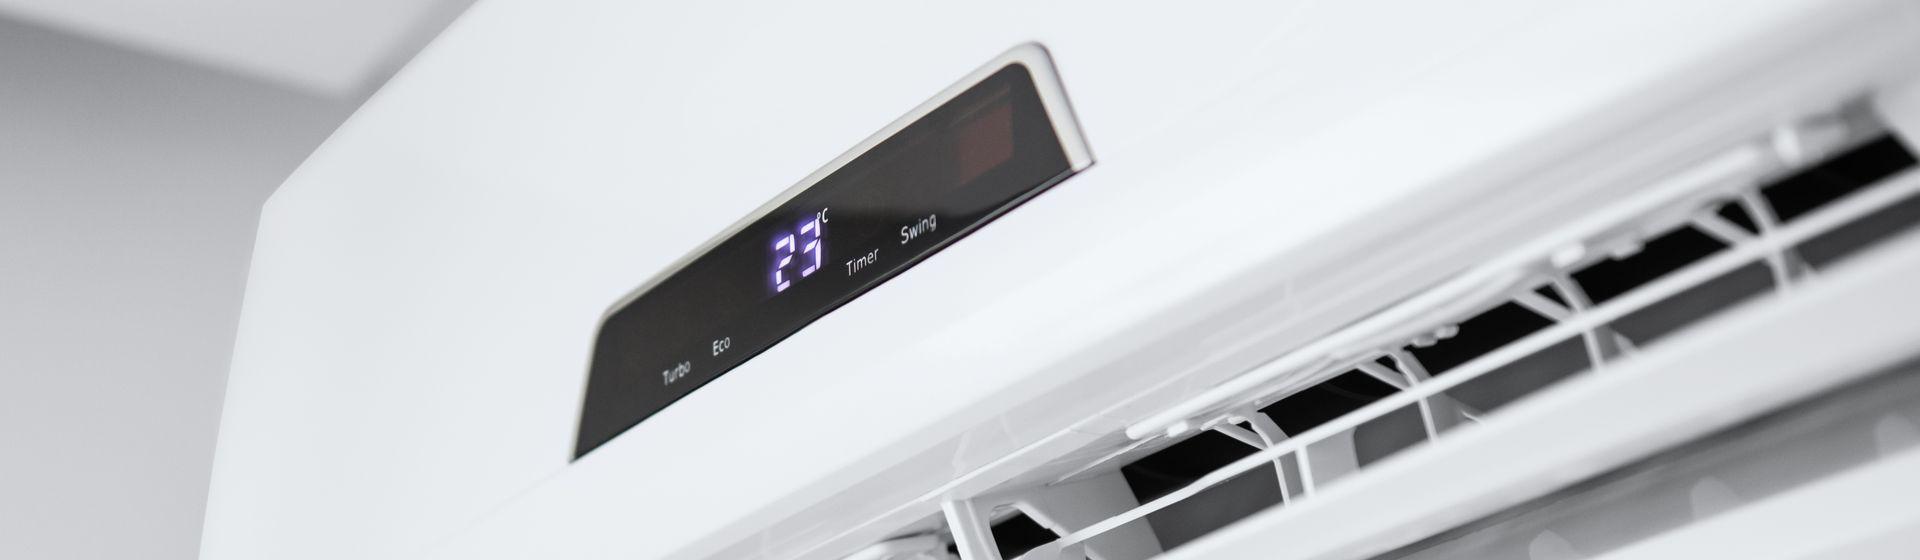 Ar-condicionado Electrolux Ecoturbo Split 12000 BTUs vale a pena? Veja a análise de ficha técnica do modelo